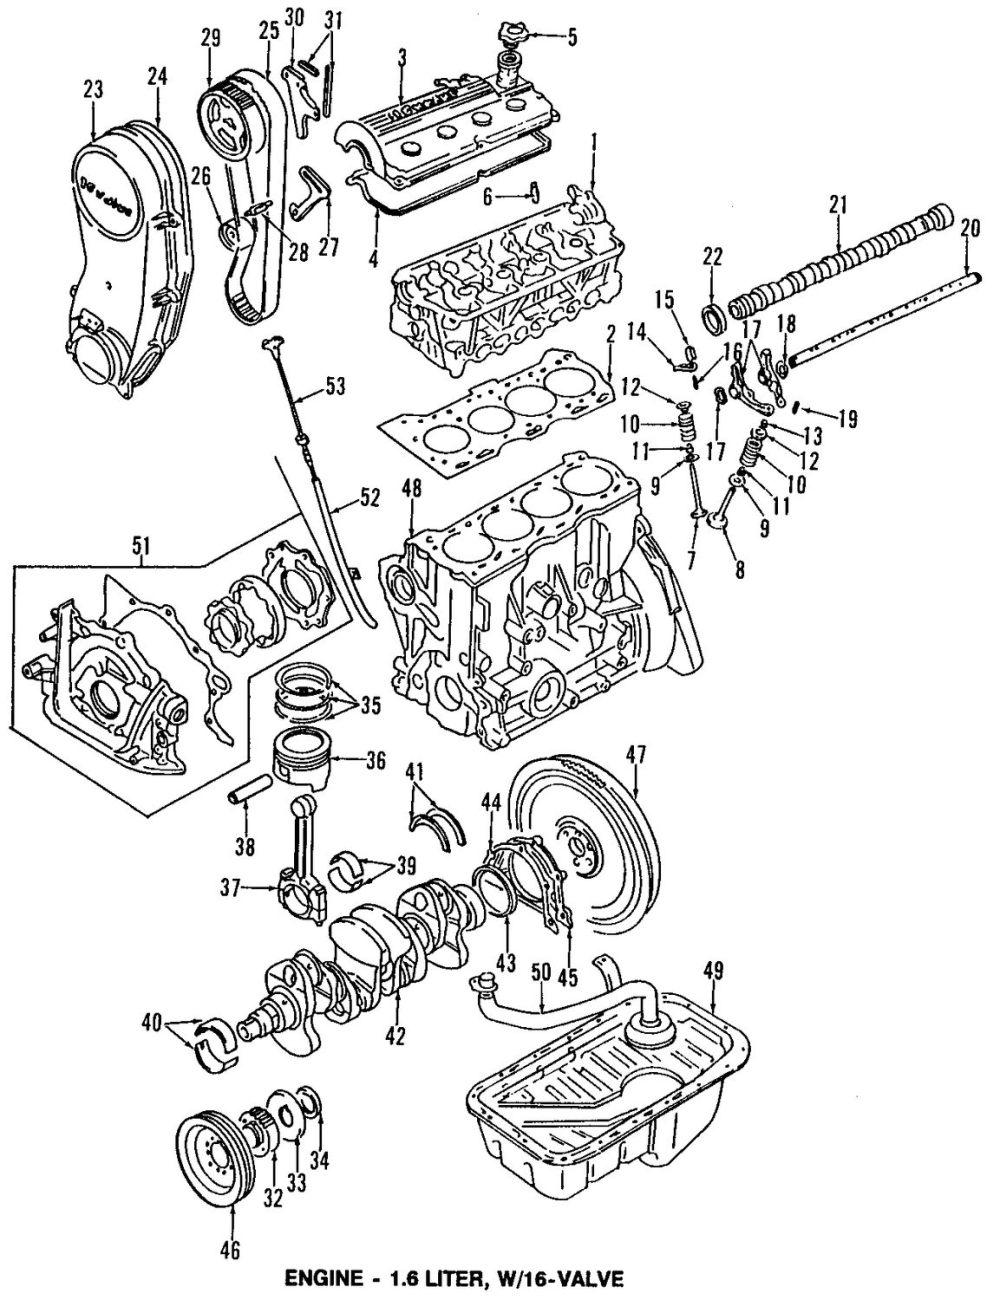 medium resolution of suzuki samurai engine diagram